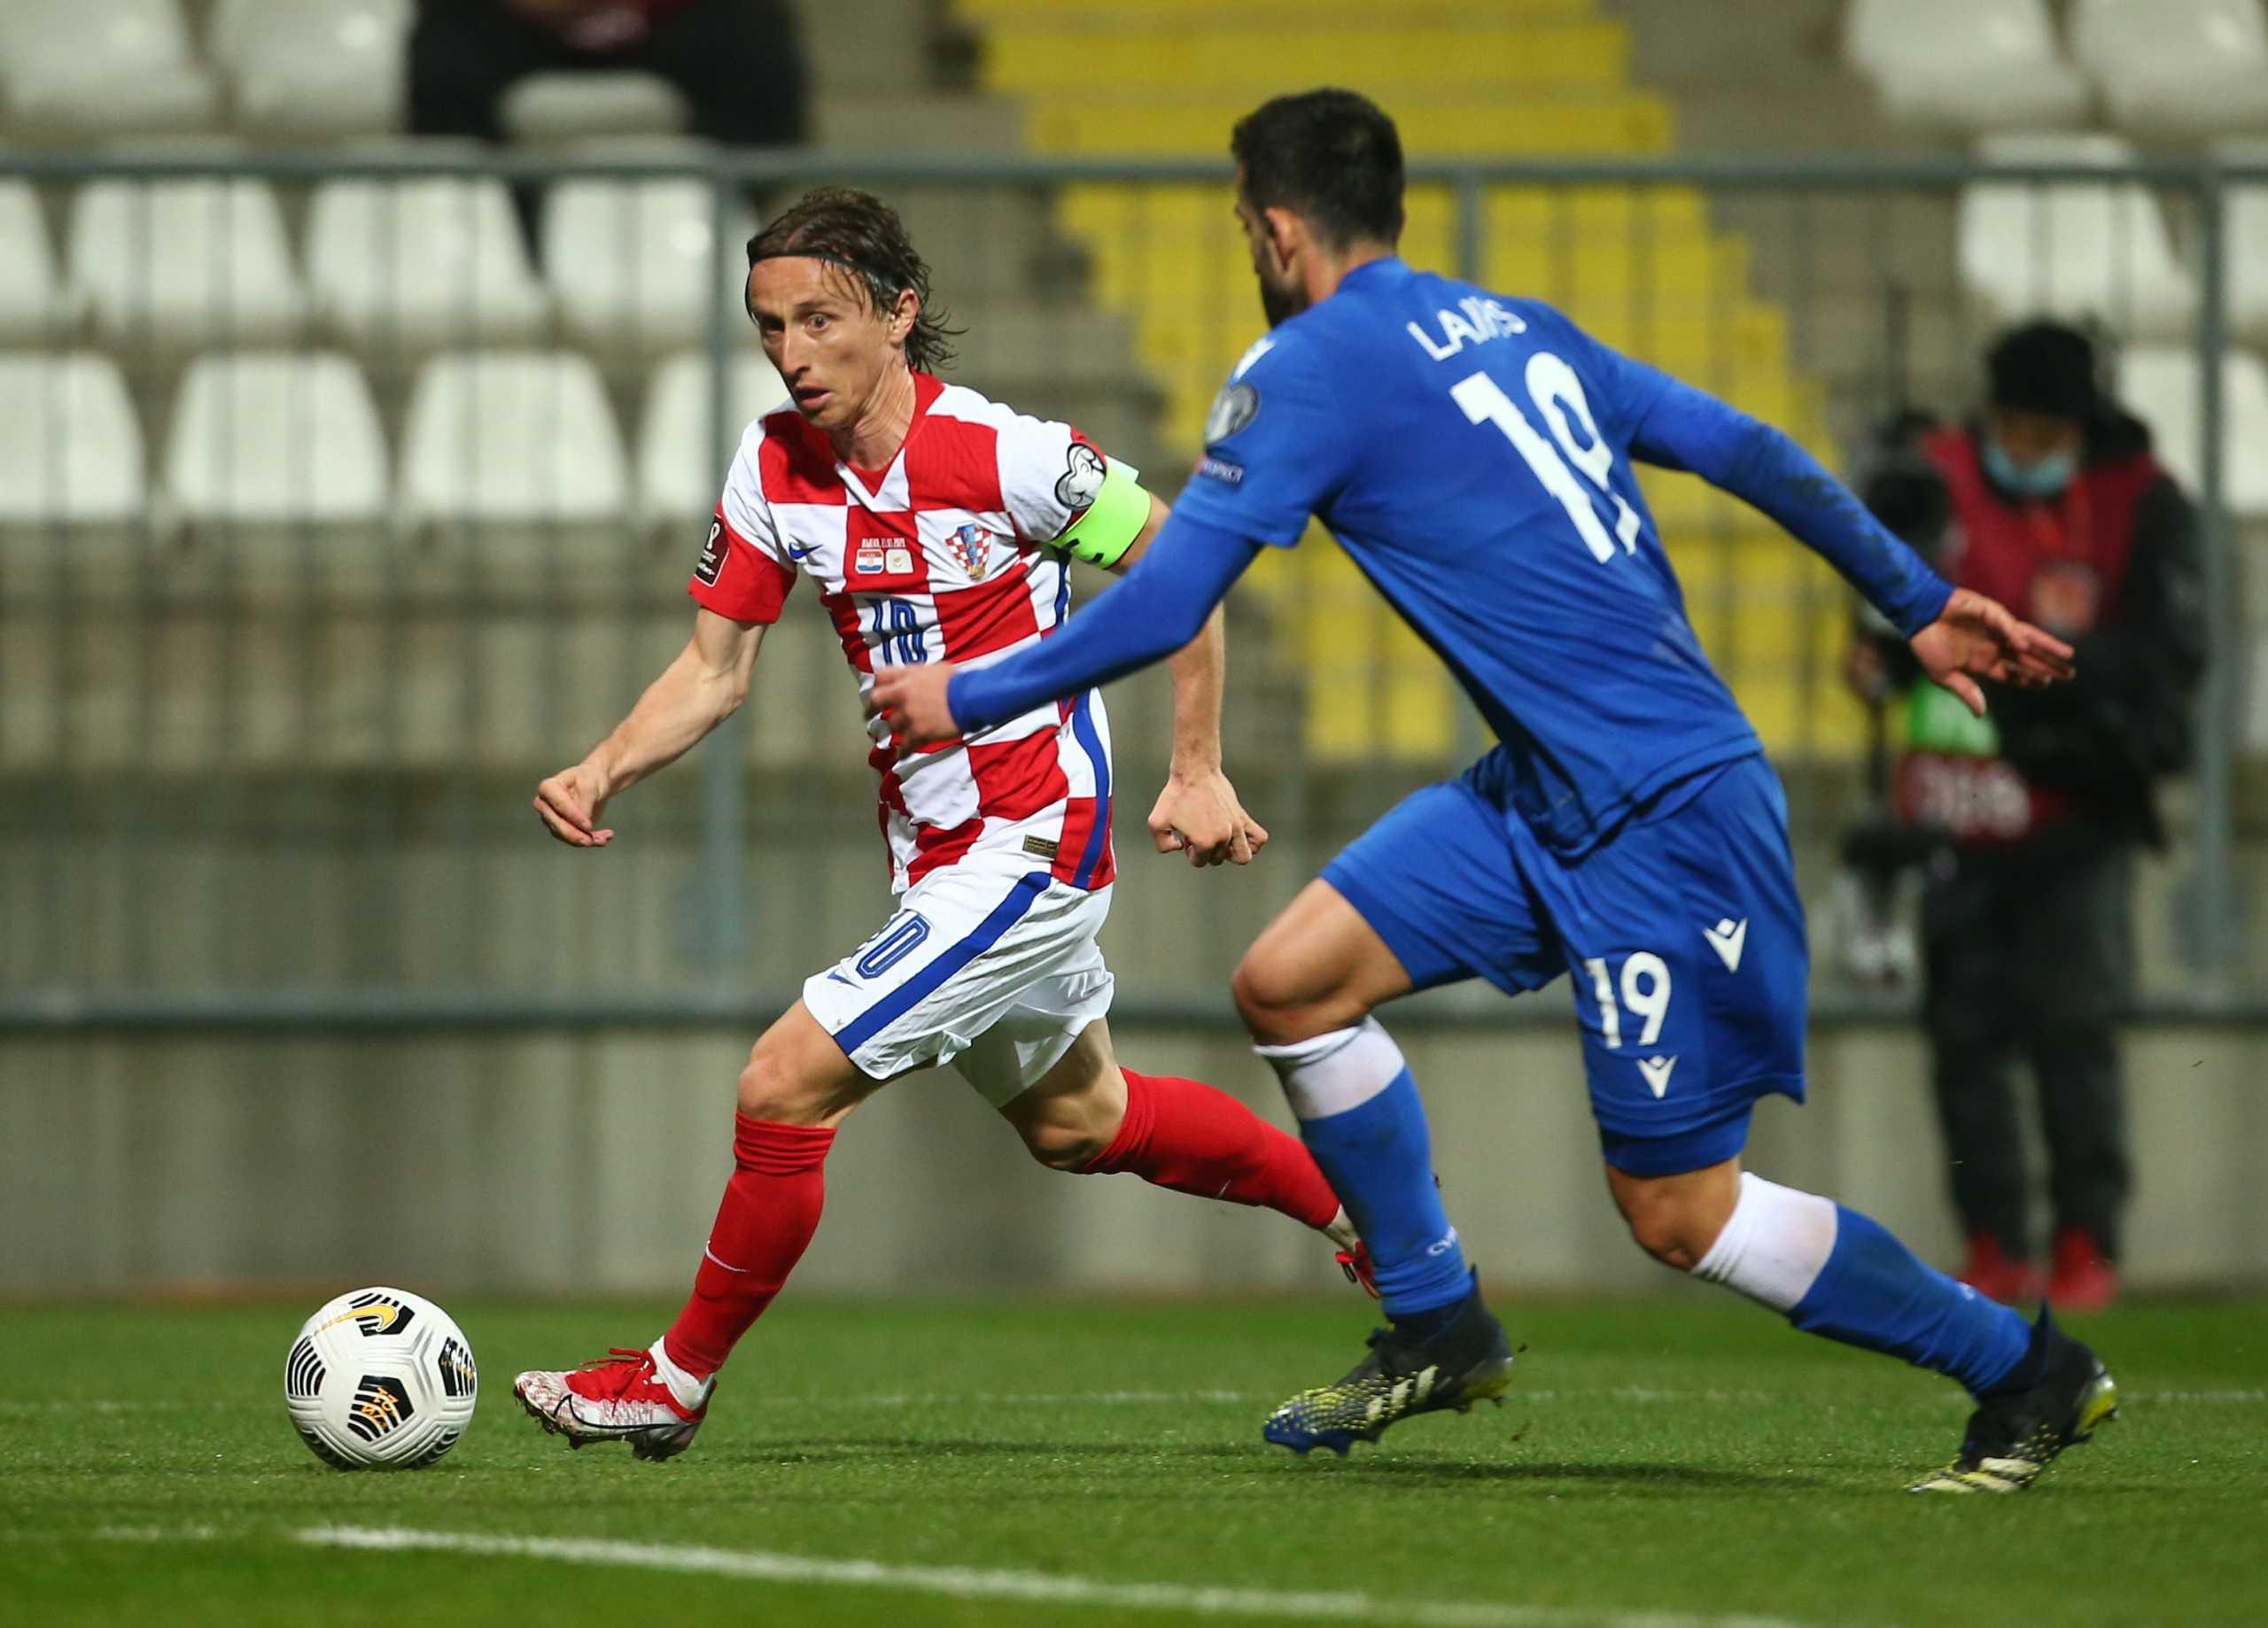 Προκριματικά Μουντιάλ: «Πάλεψε» η Κύπρος – Νίκη για Κροατία σε ιστορική βραδιά για Μόντριτς (video)